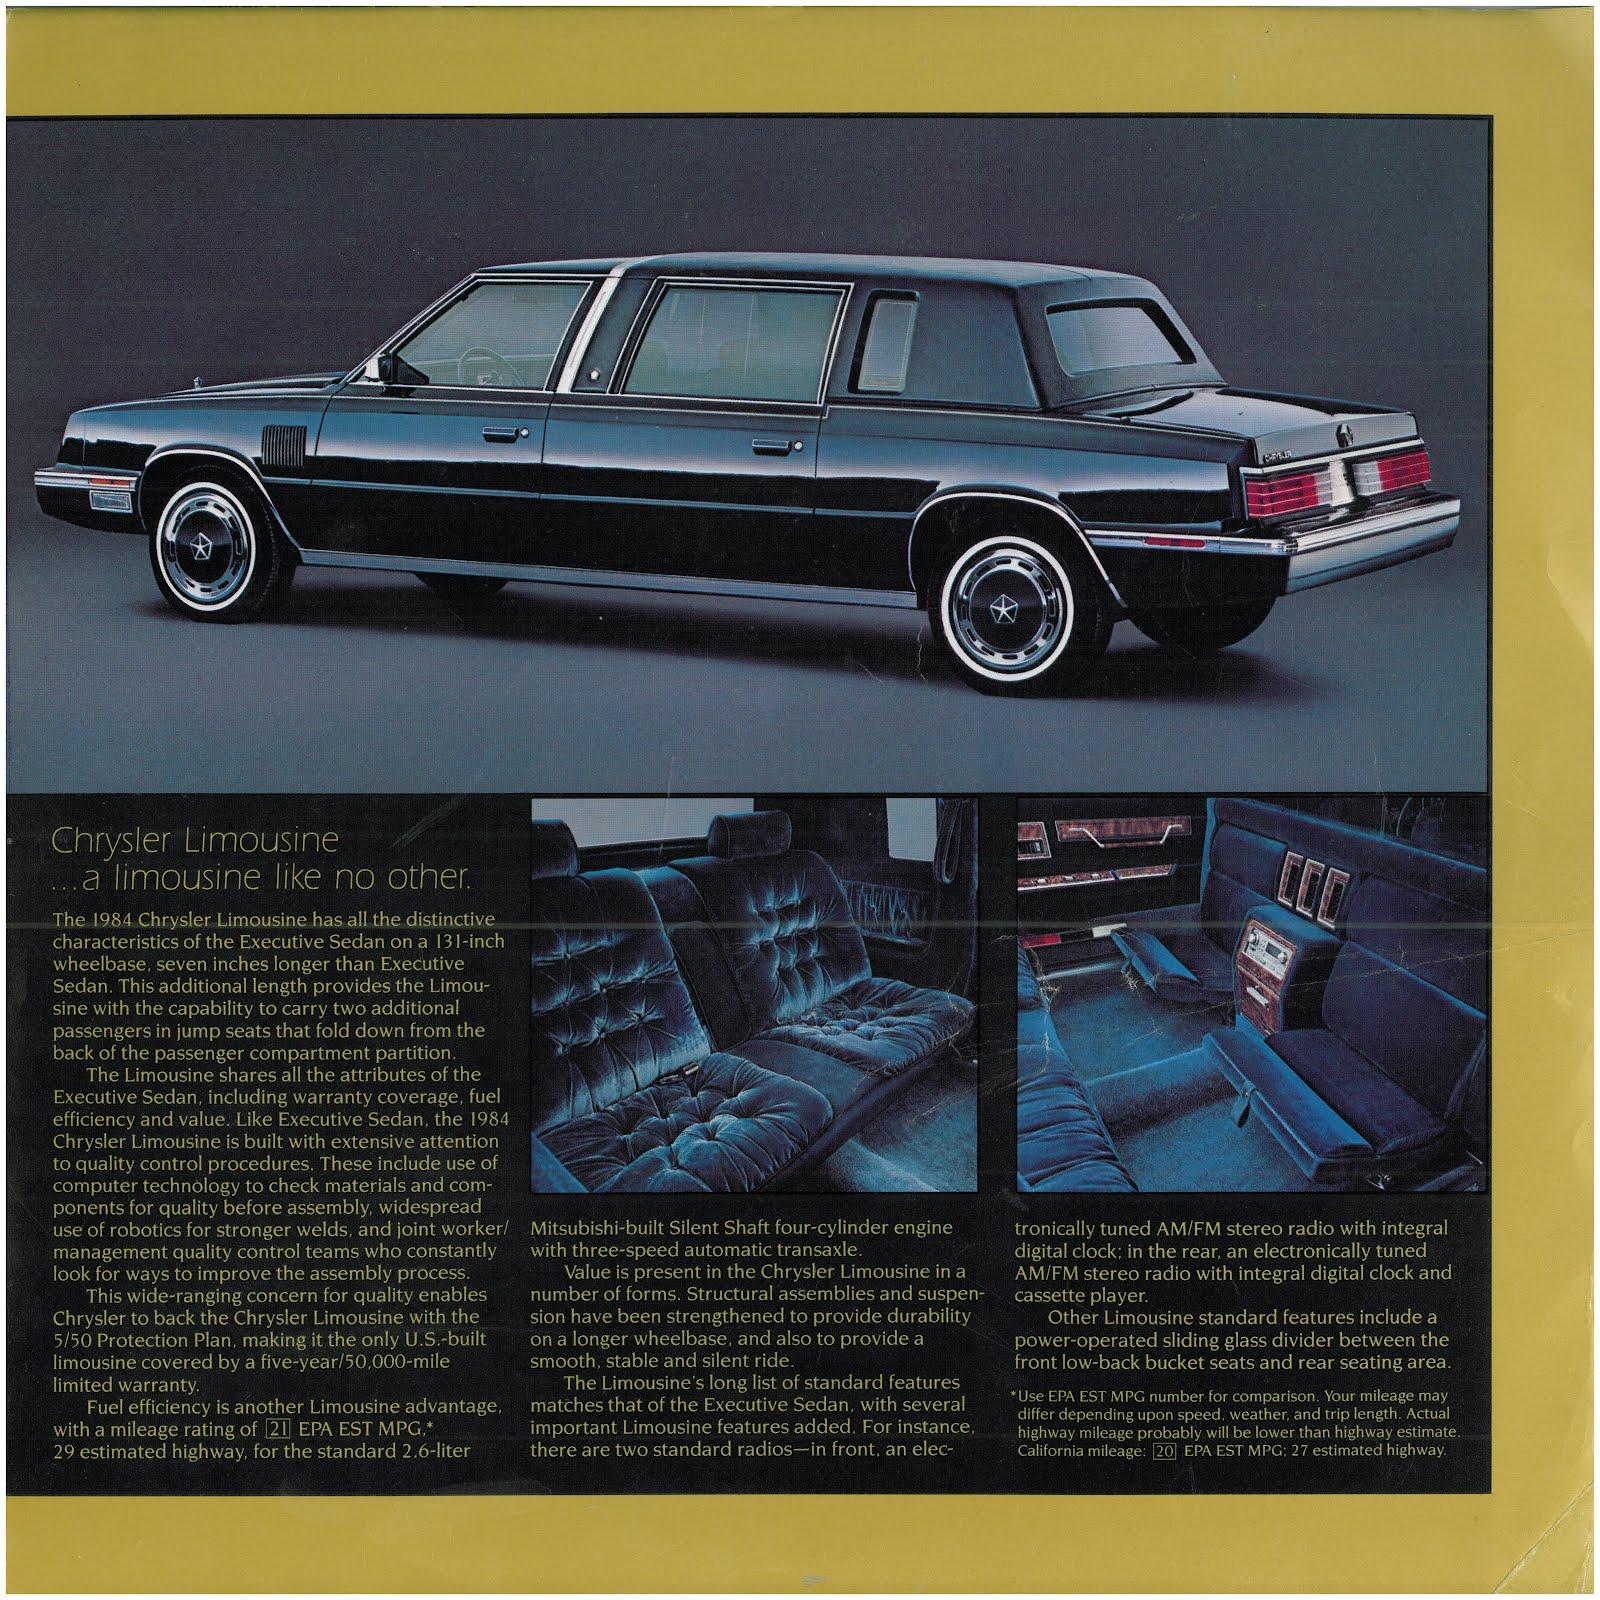 Chrysler Executive on chrysler new yorker, chrysler e-class, chrysler newport, chrysler valiant, chrysler airflow, chrysler saratoga, chrysler aspen, chrysler cordoba, chrysler airstream, chrysler lebaron, chrysler concorde, dodge st. regis, chrysler tc by maserati, chrysler 300 letter series, chrysler pt cruiser, chrysler imperial,